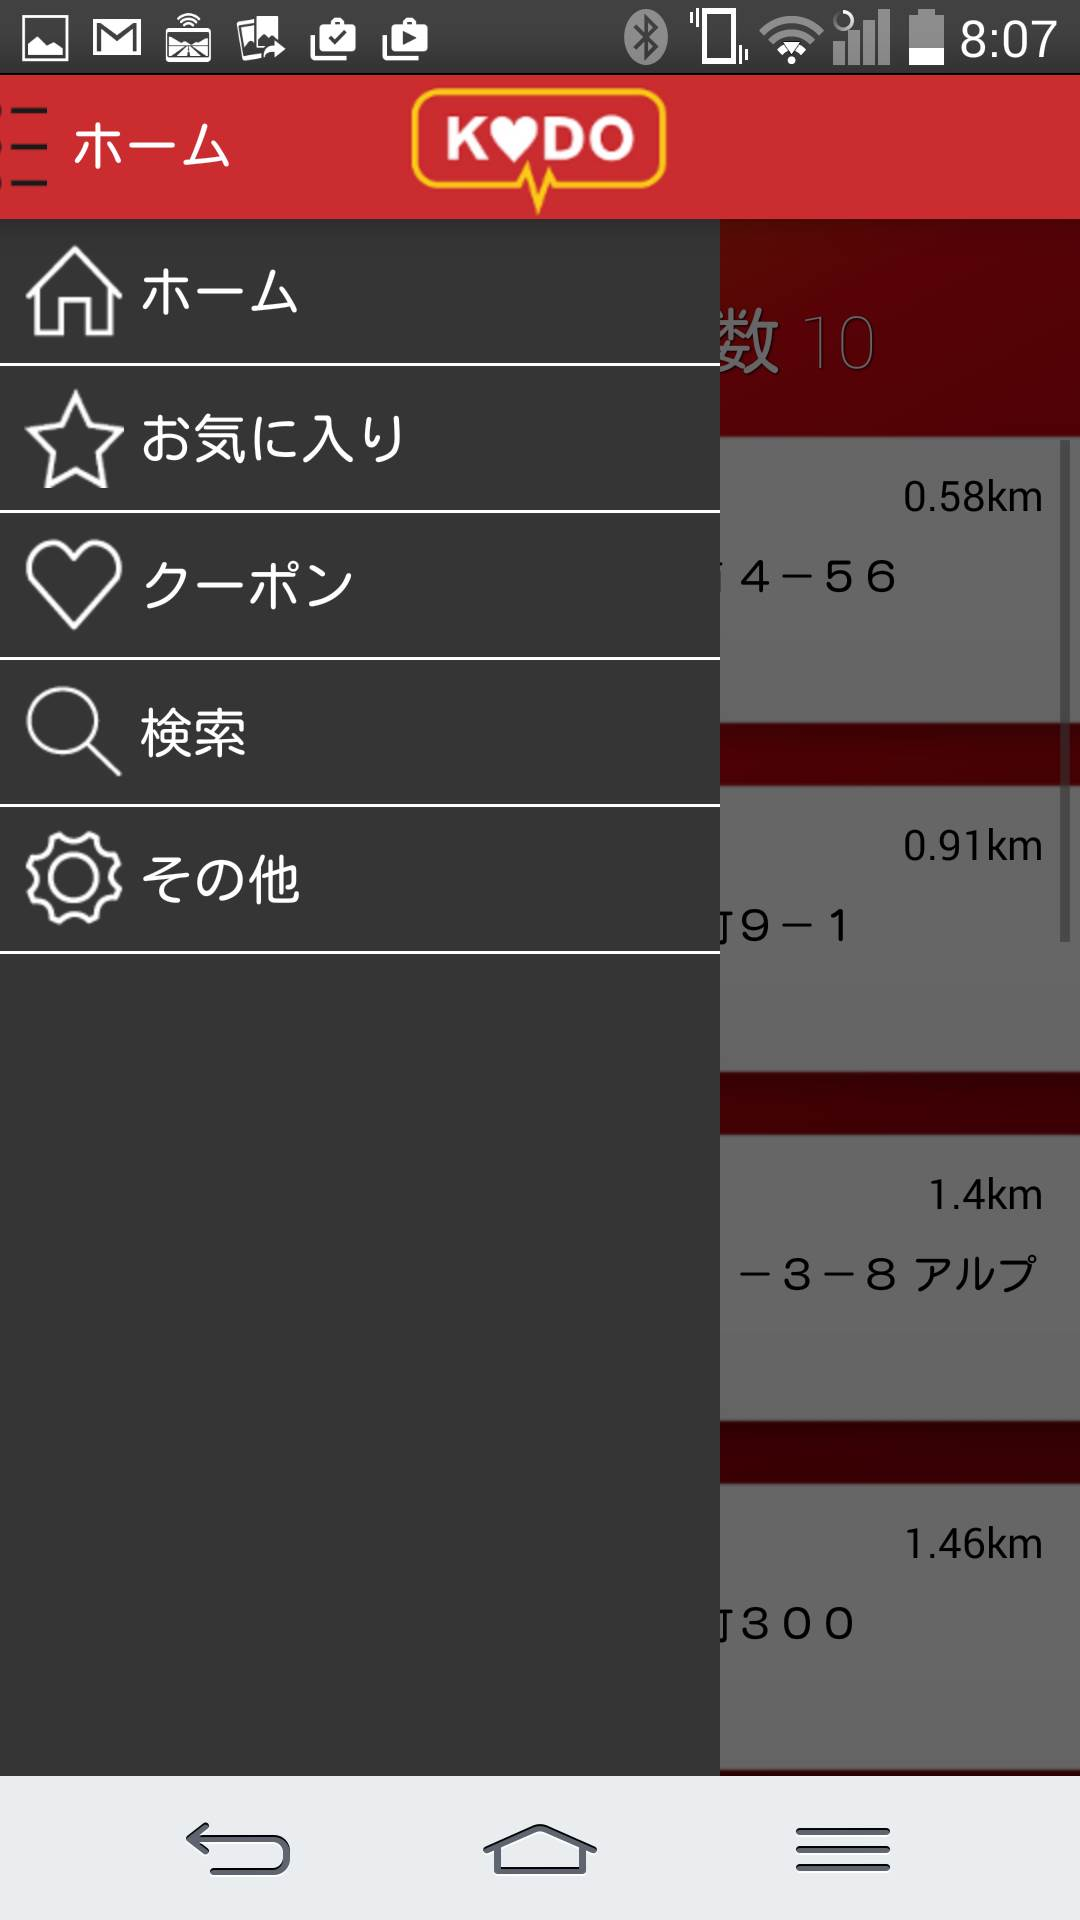 マクドナルドKODO(鼓動)アプリクーポン利用方法1